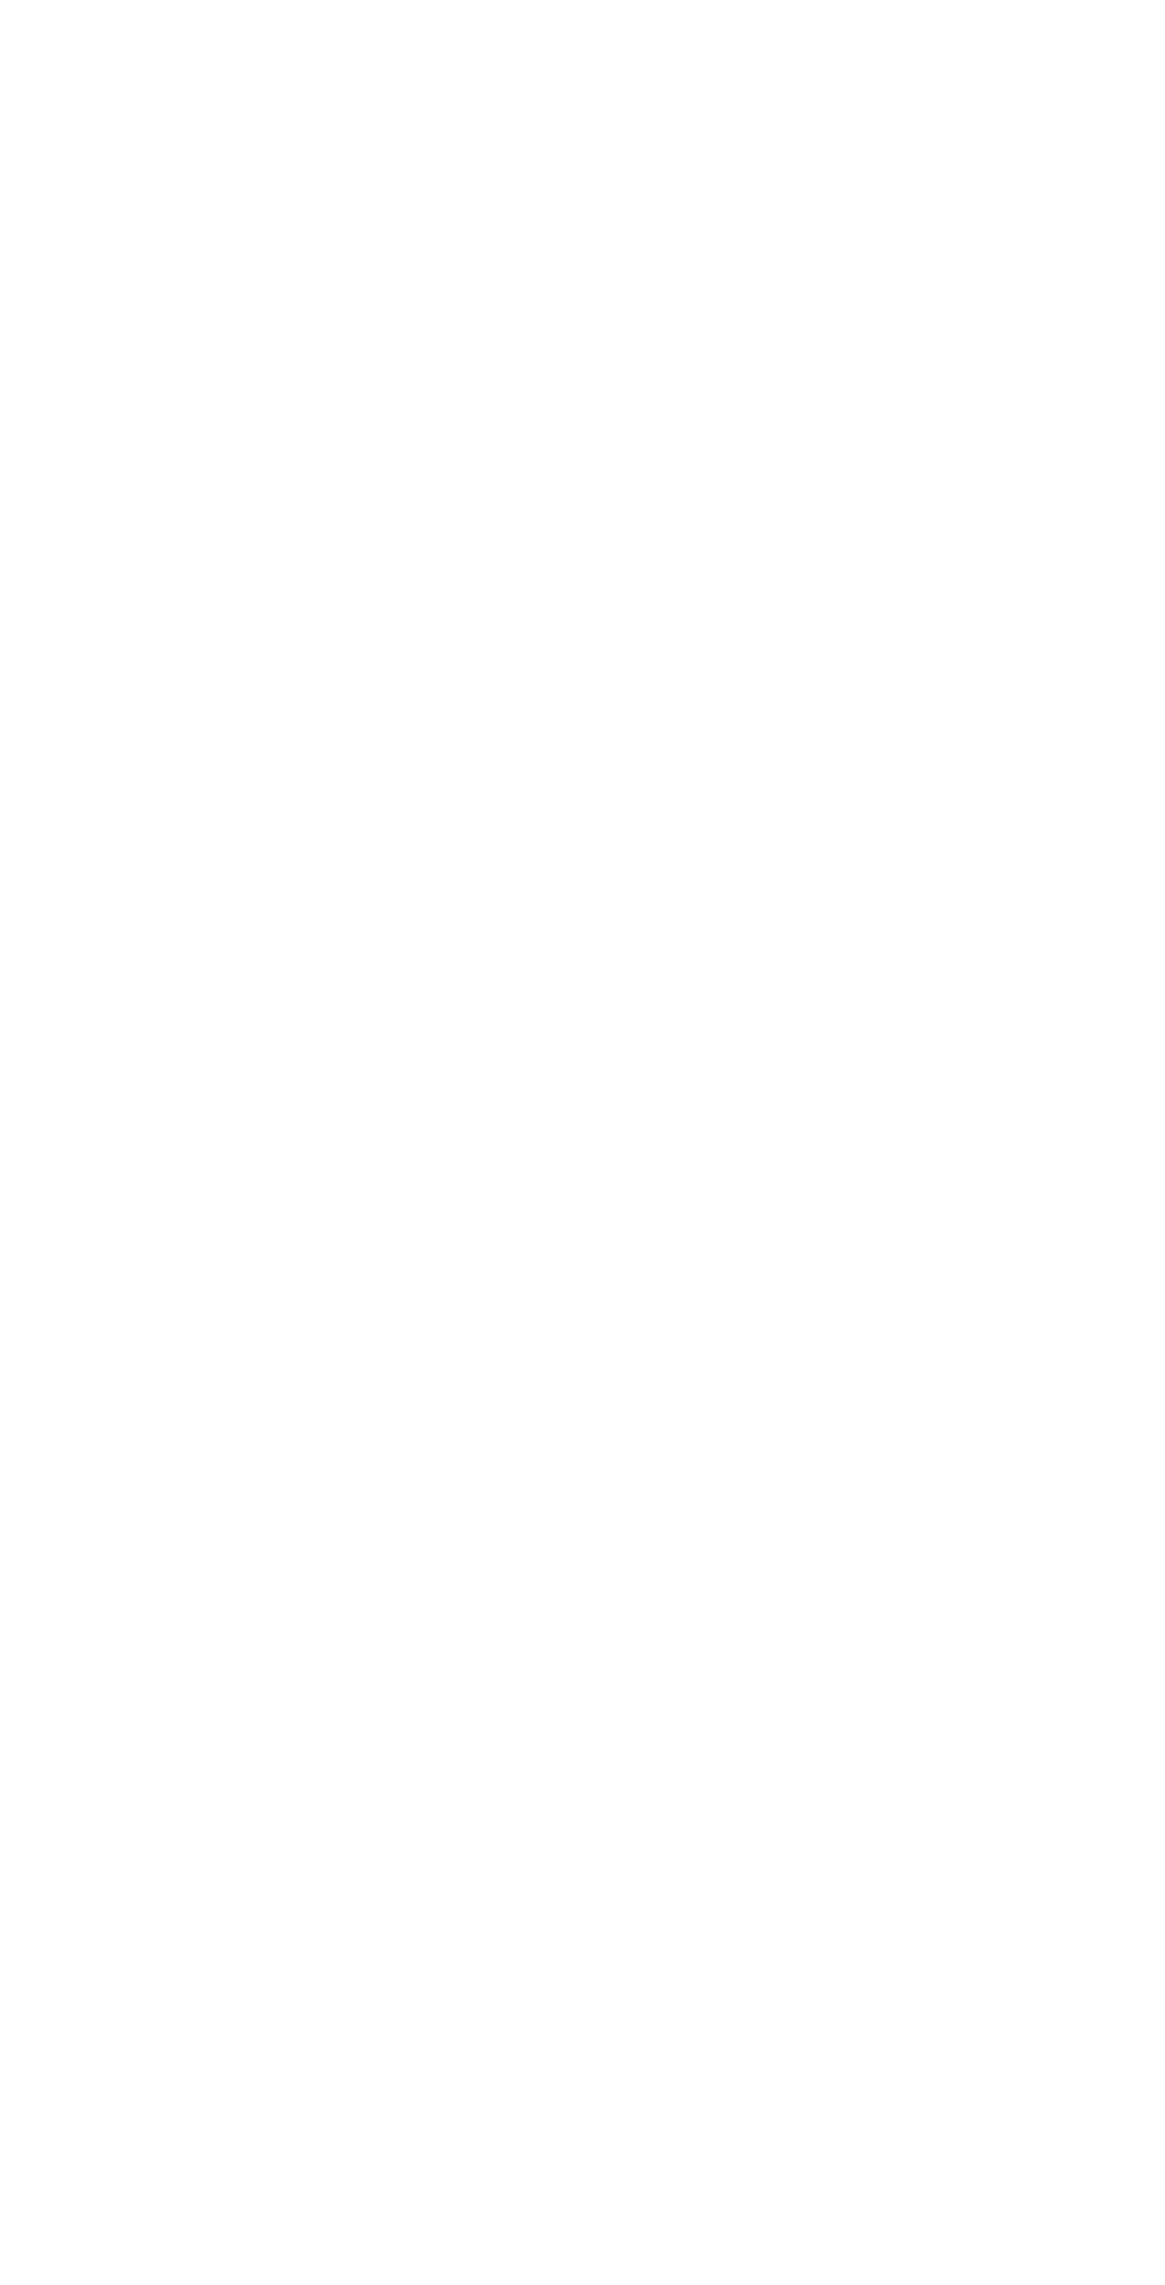 Sponsorship leamington beer. Thanks clipart speech festival